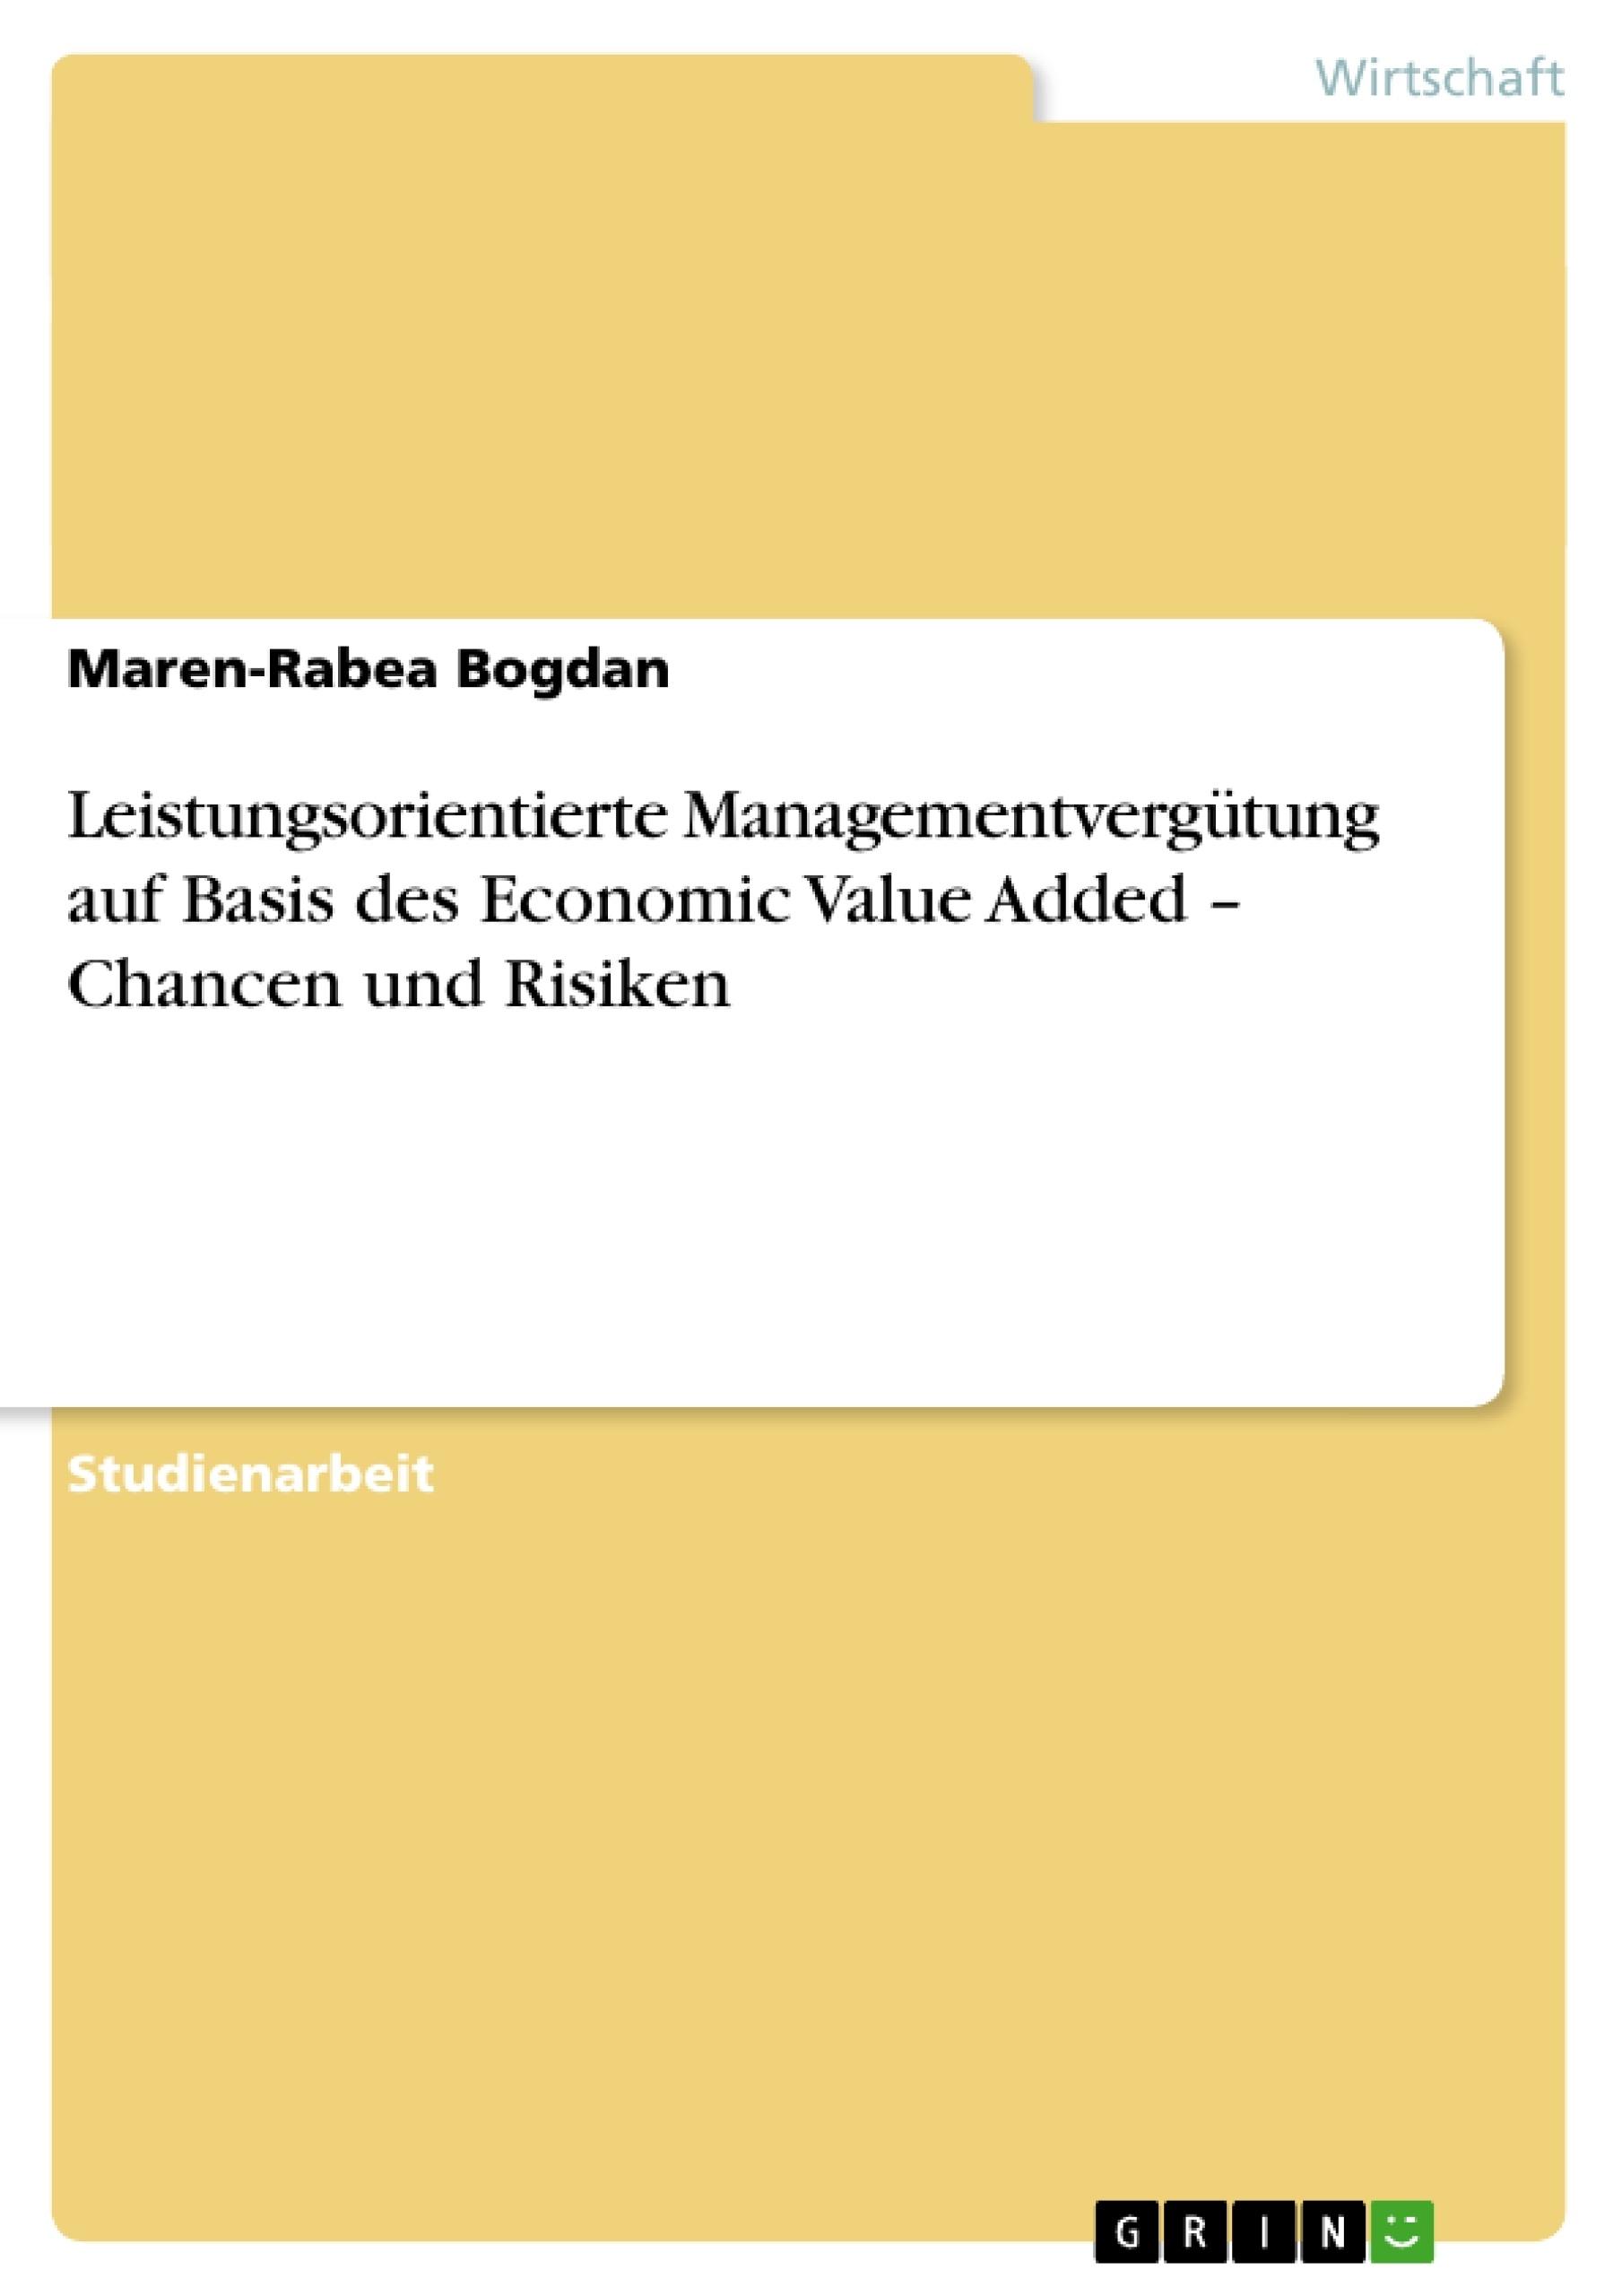 Titel: Leistungsorientierte Managementvergütung auf Basis des Economic Value Added – Chancen und Risiken